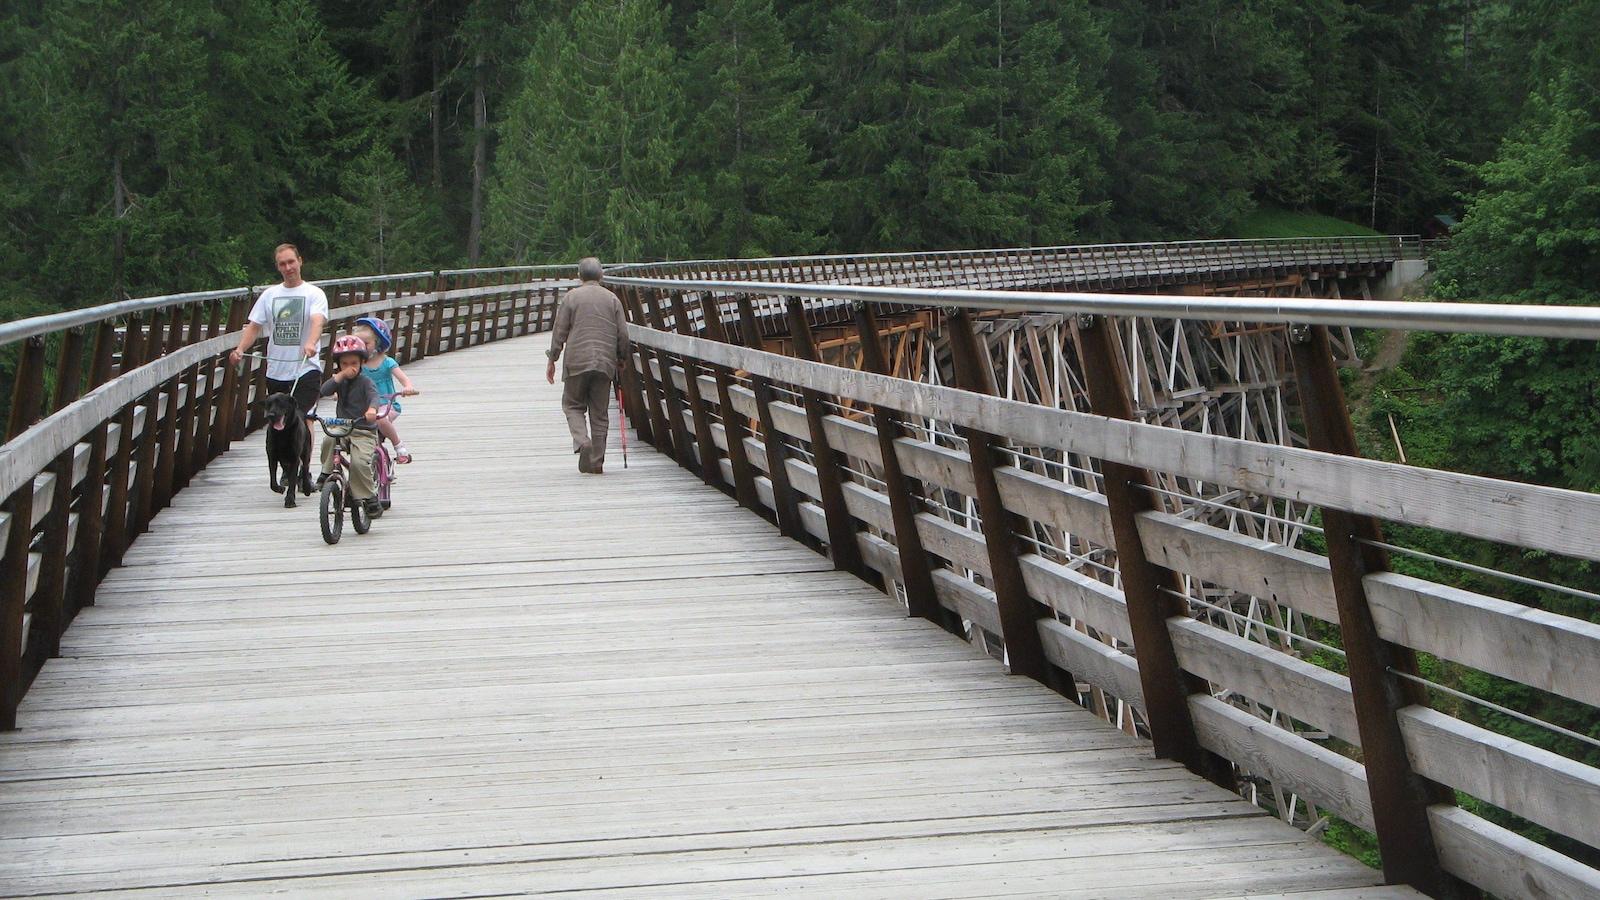 Des enfants sur des bicylettes et deux hommes adultes